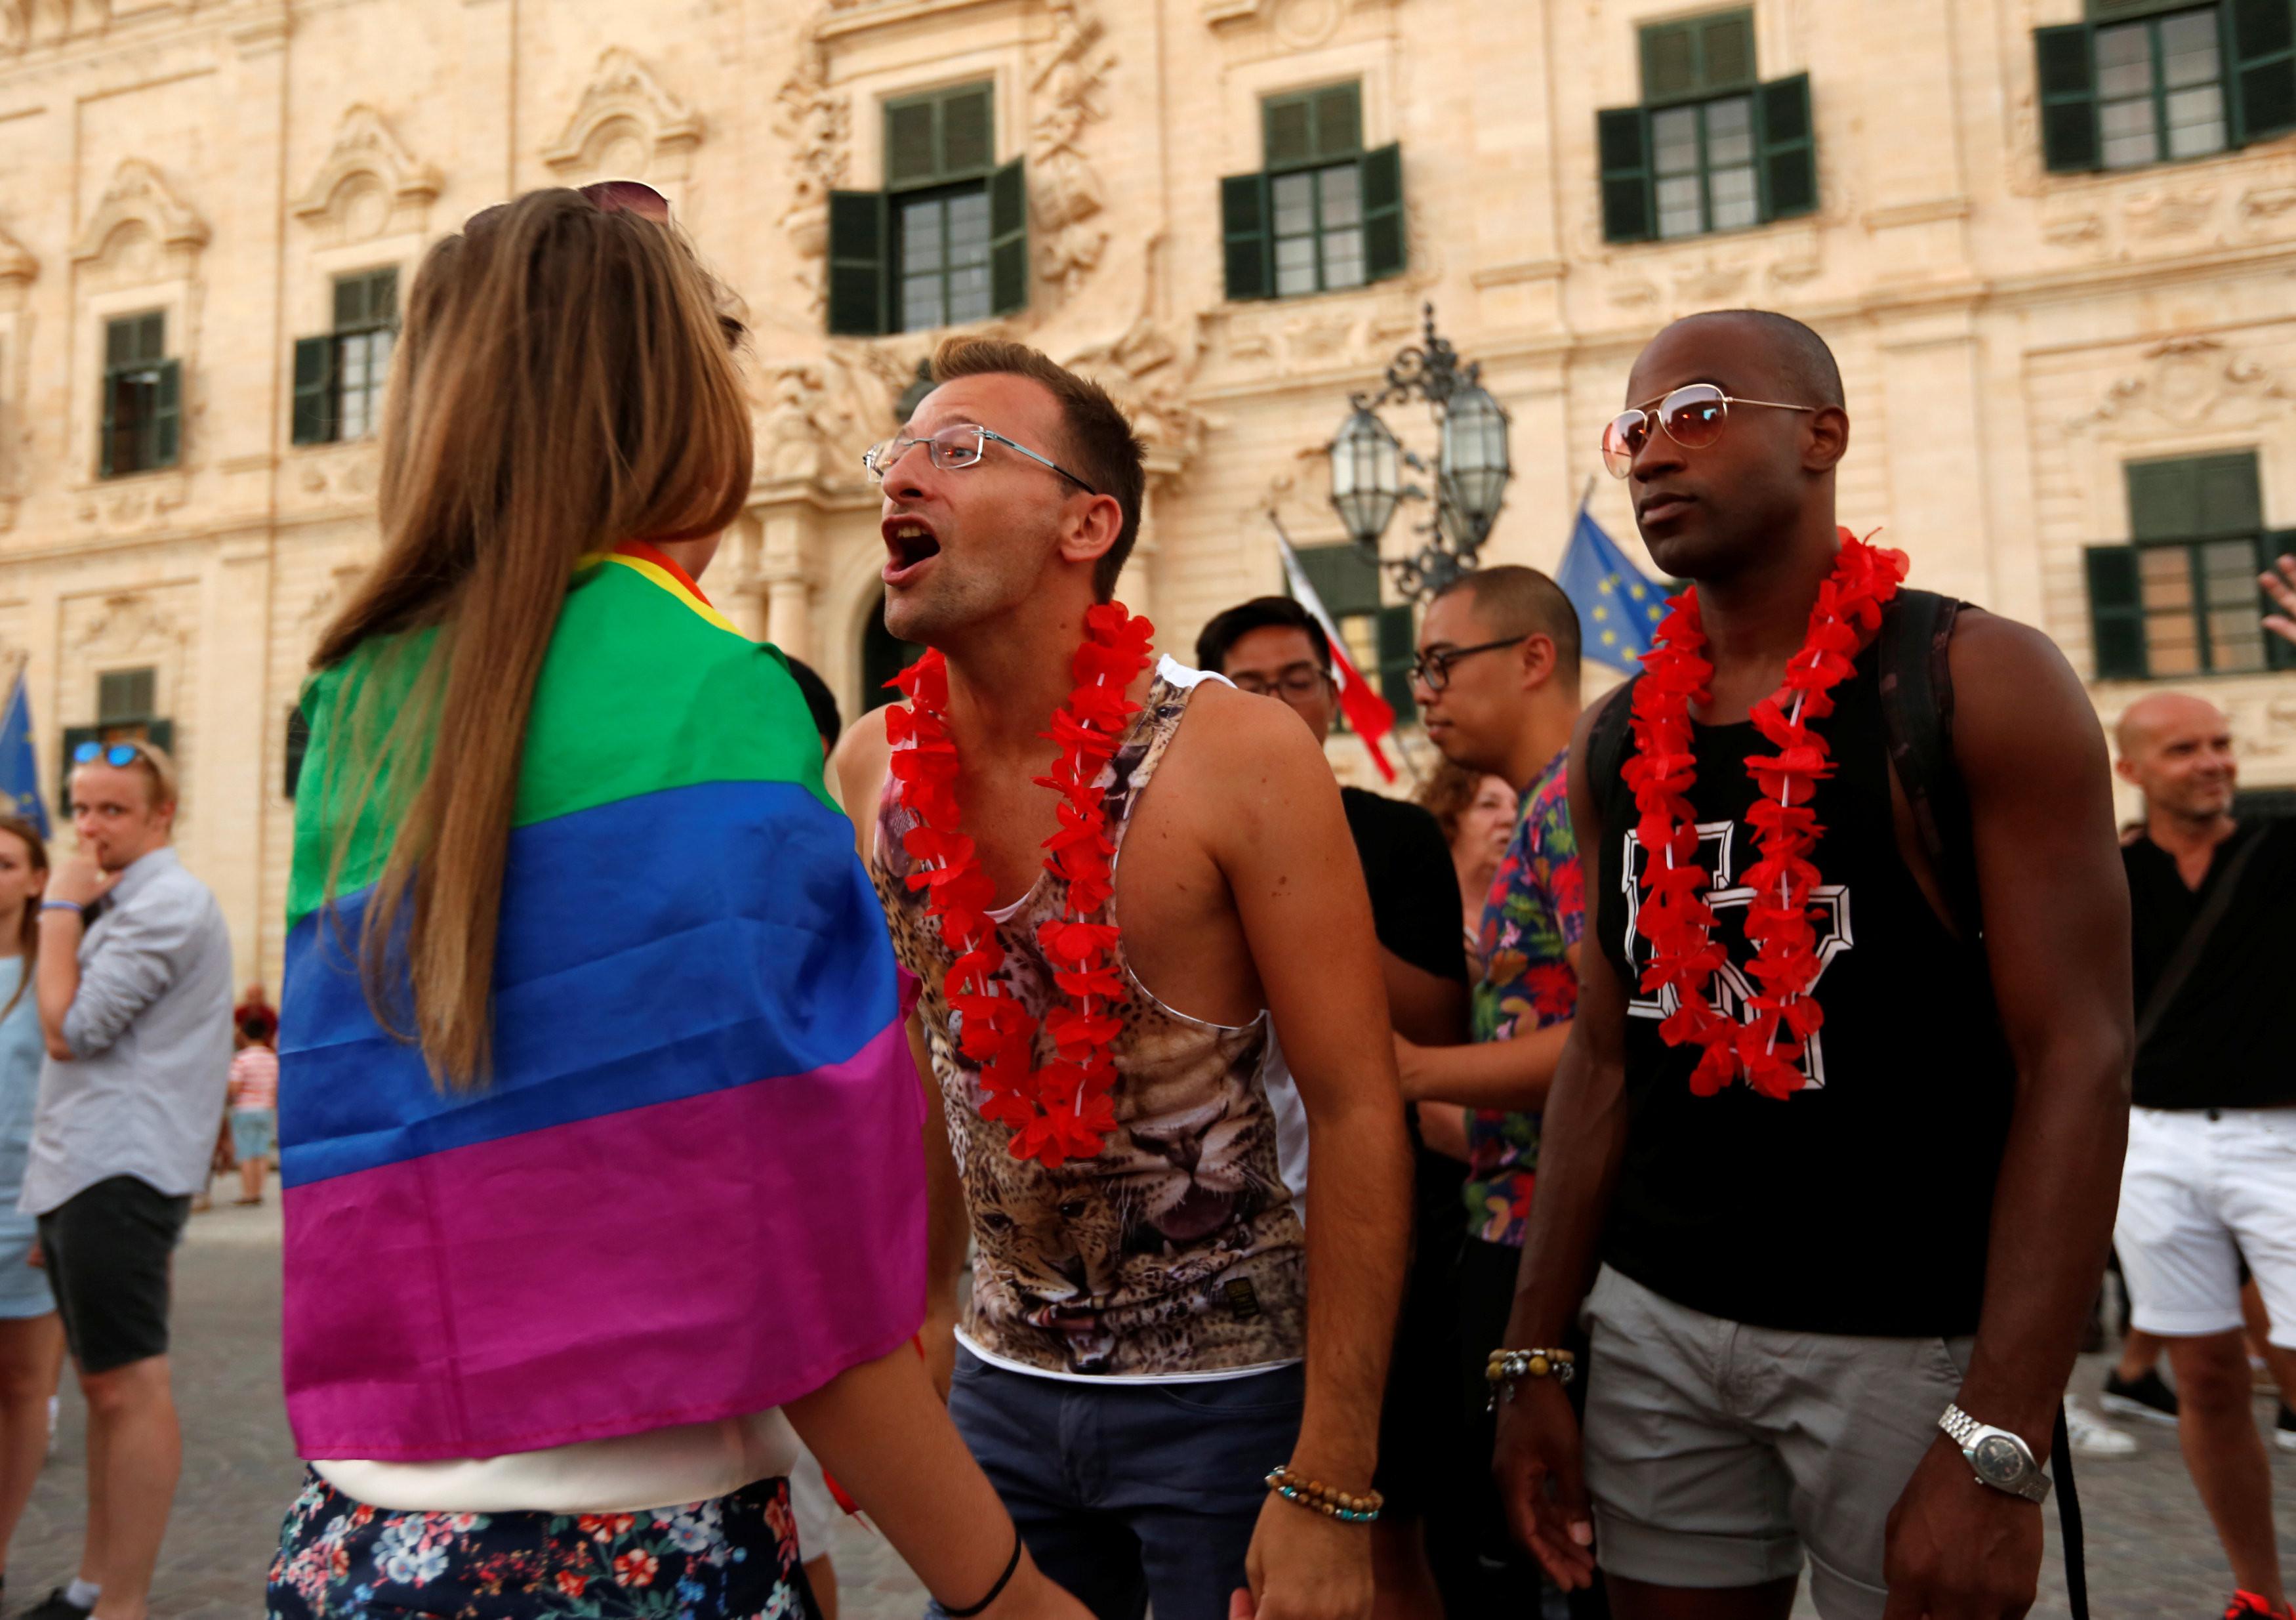 <p>Жители Мальты отмечают принятие закона об однополых браках. Фото: &copy; <span>REUTERS/Darrin Zammit Lupi</span></p>